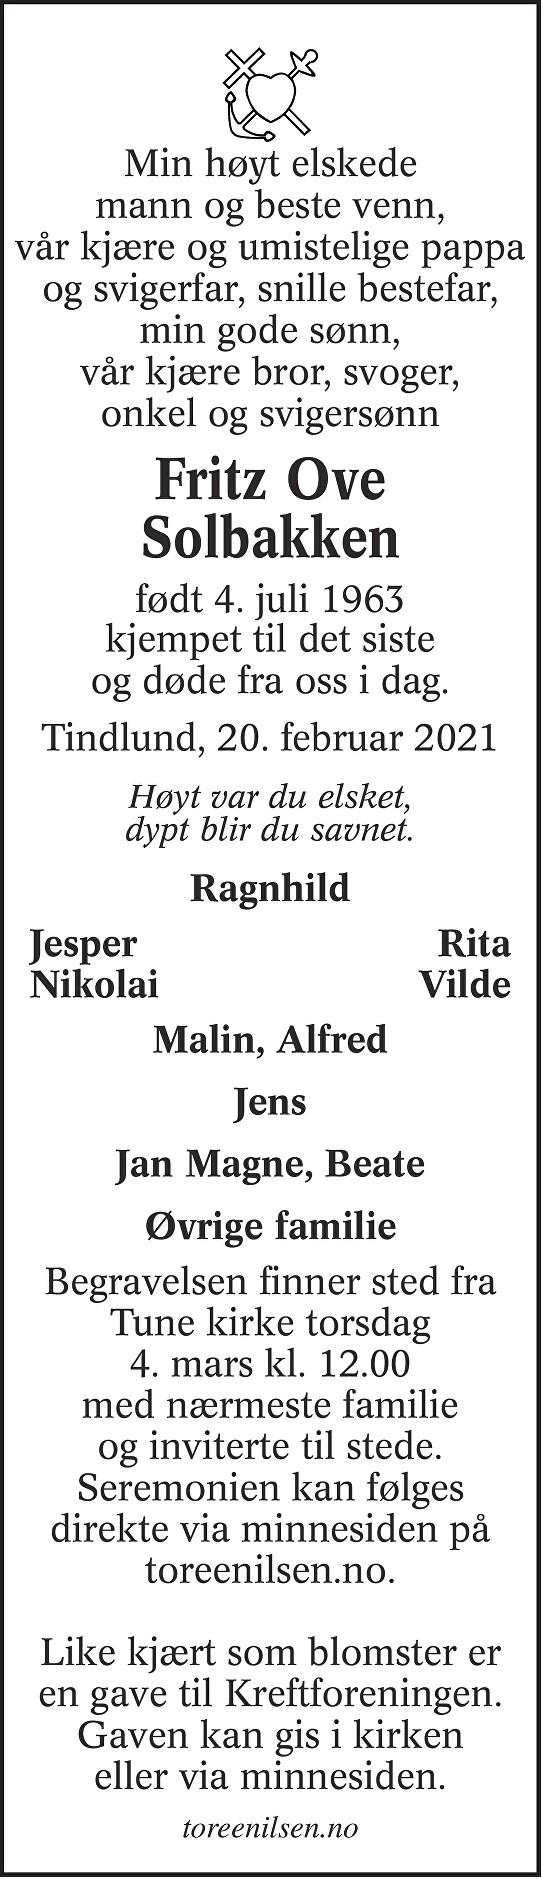 Fritz Ove Solbakken Dødsannonse